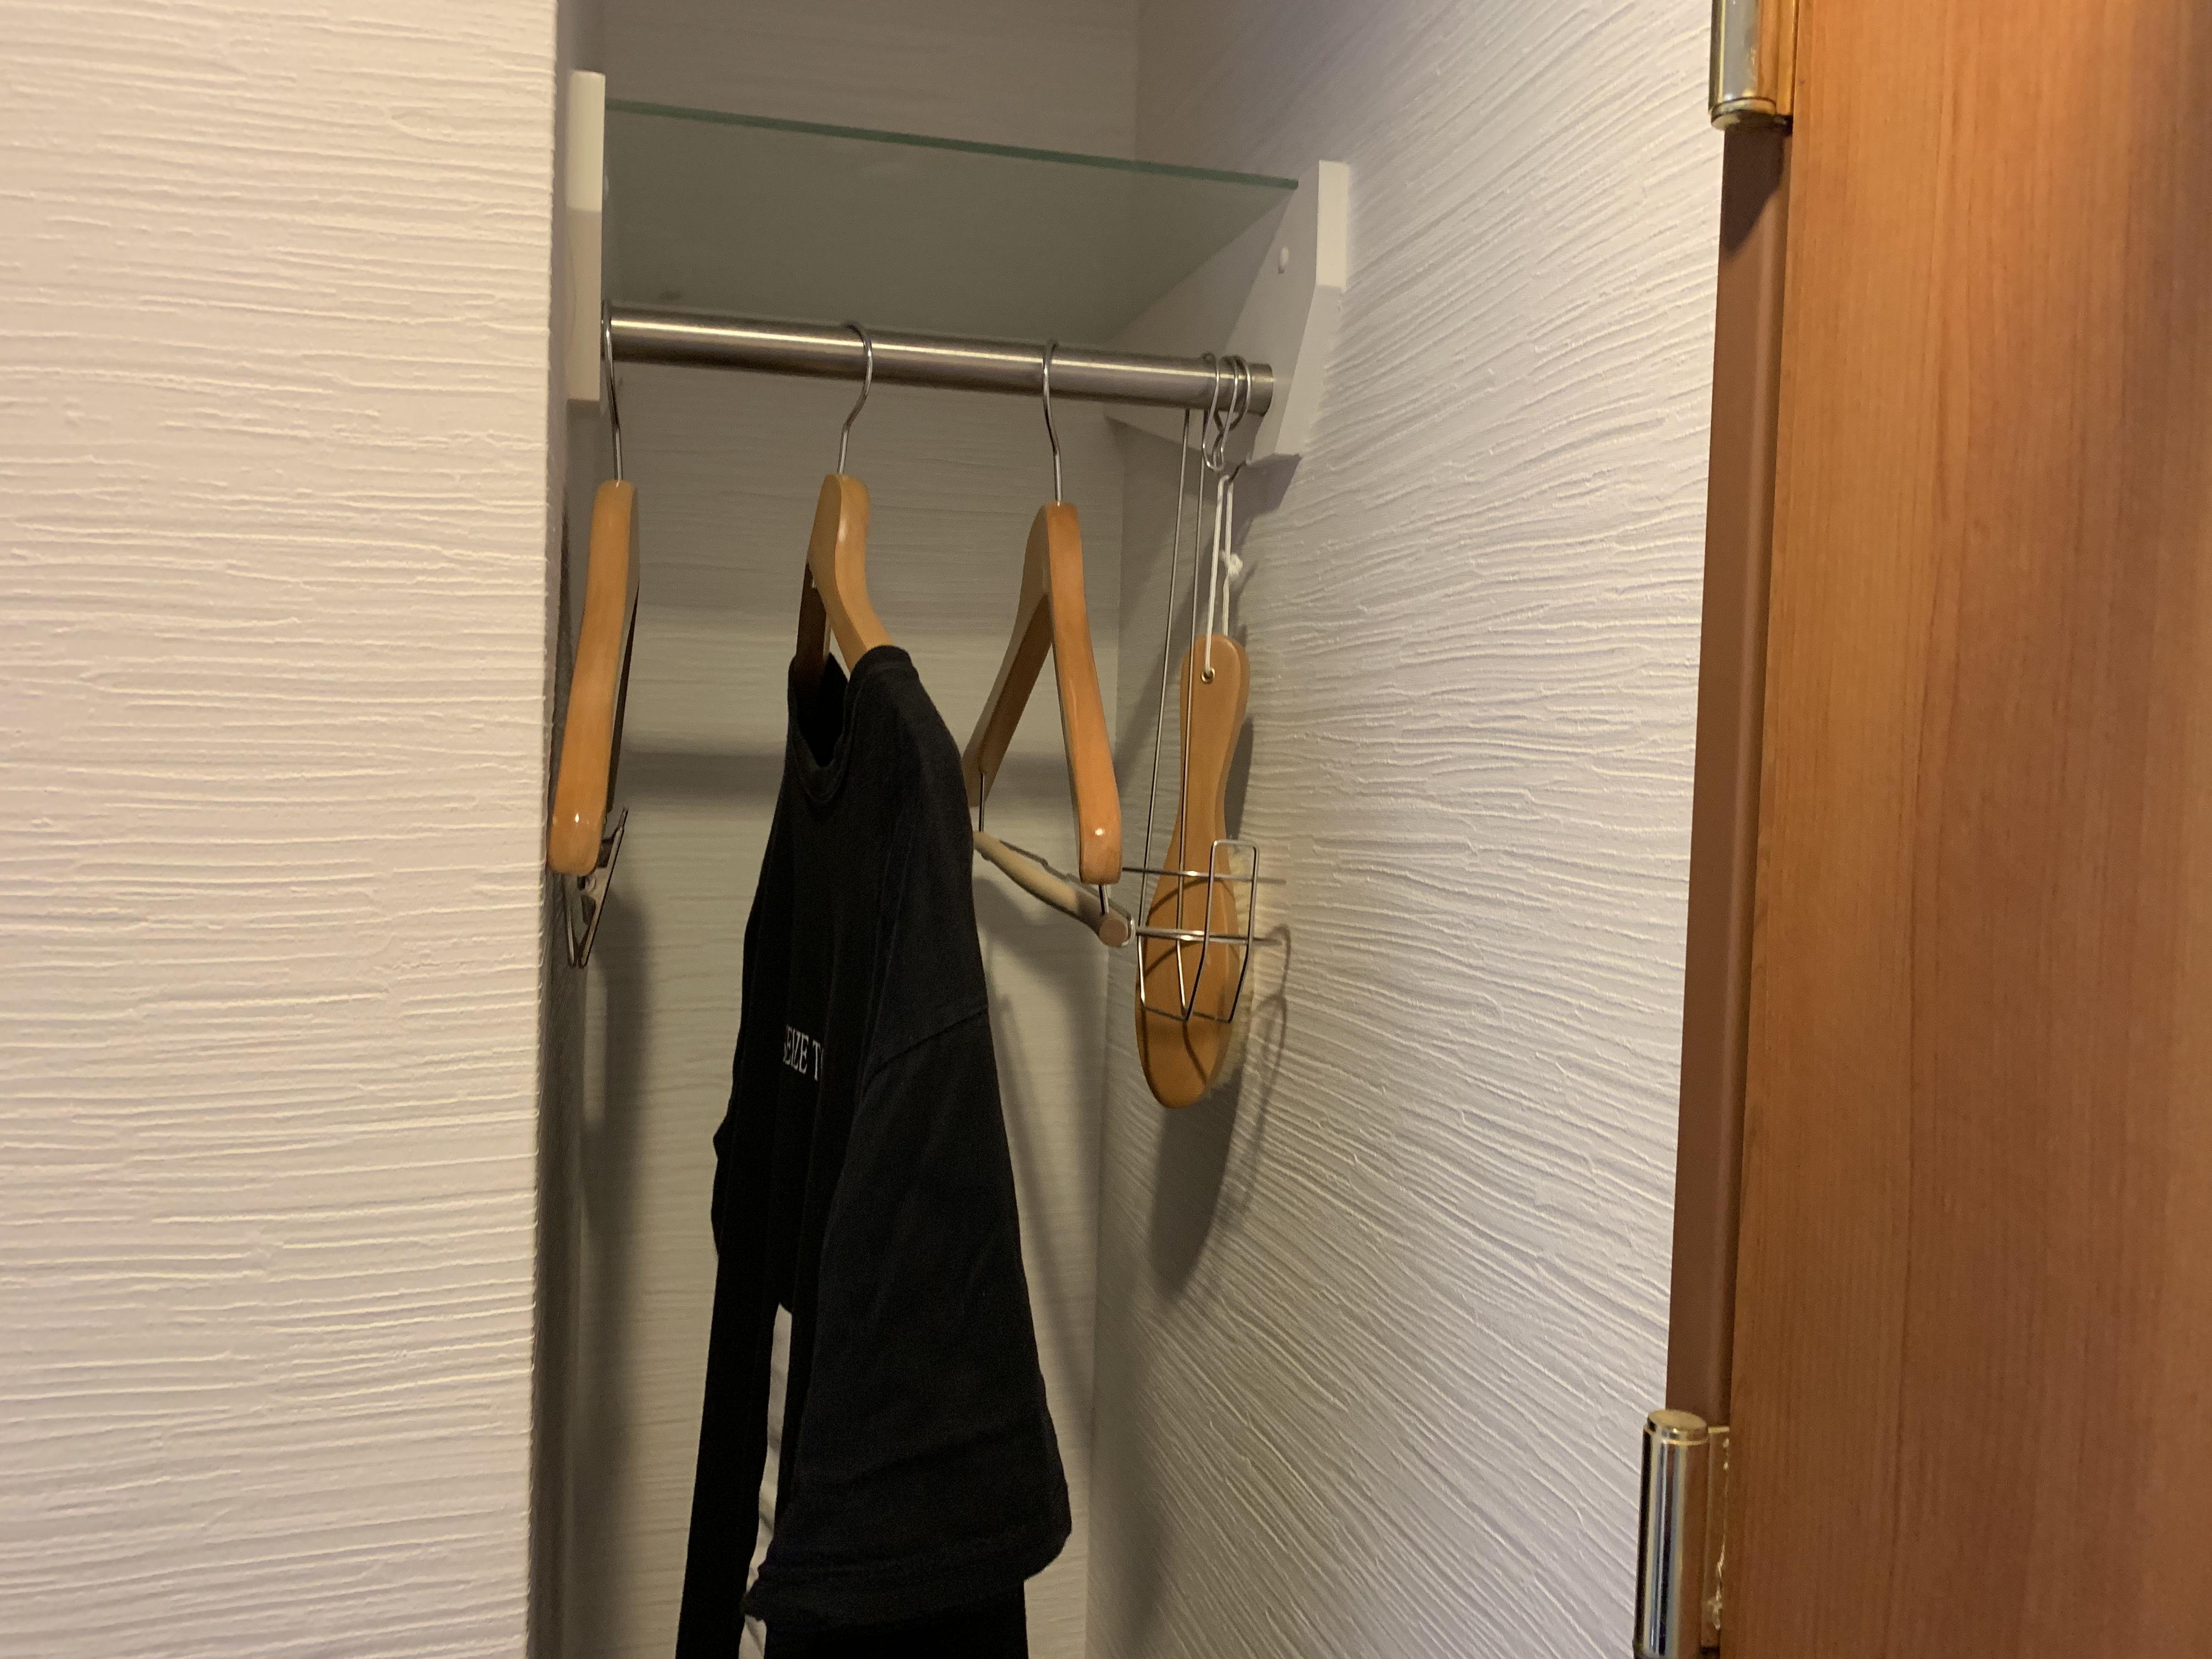 セントラルホテル伊万里 服や荷物を収納するスペース